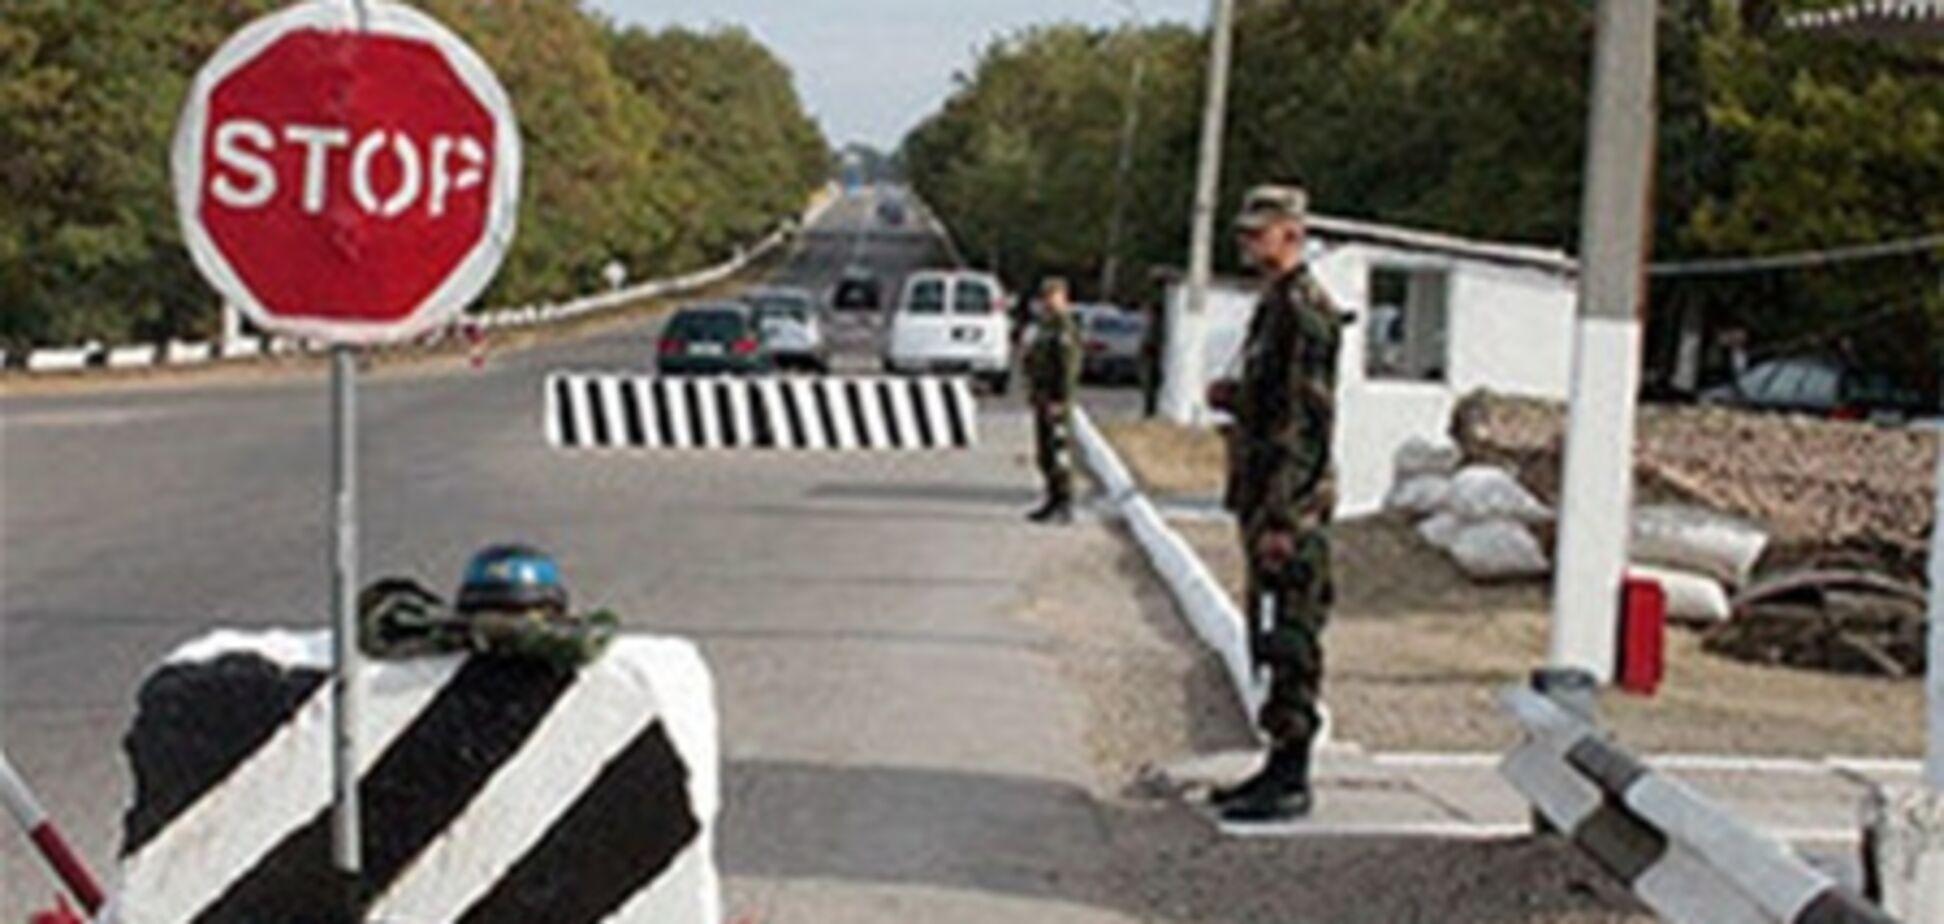 Посла России в Молдове вызвали в МИД в связи с трагическим инцидентом на Днестре